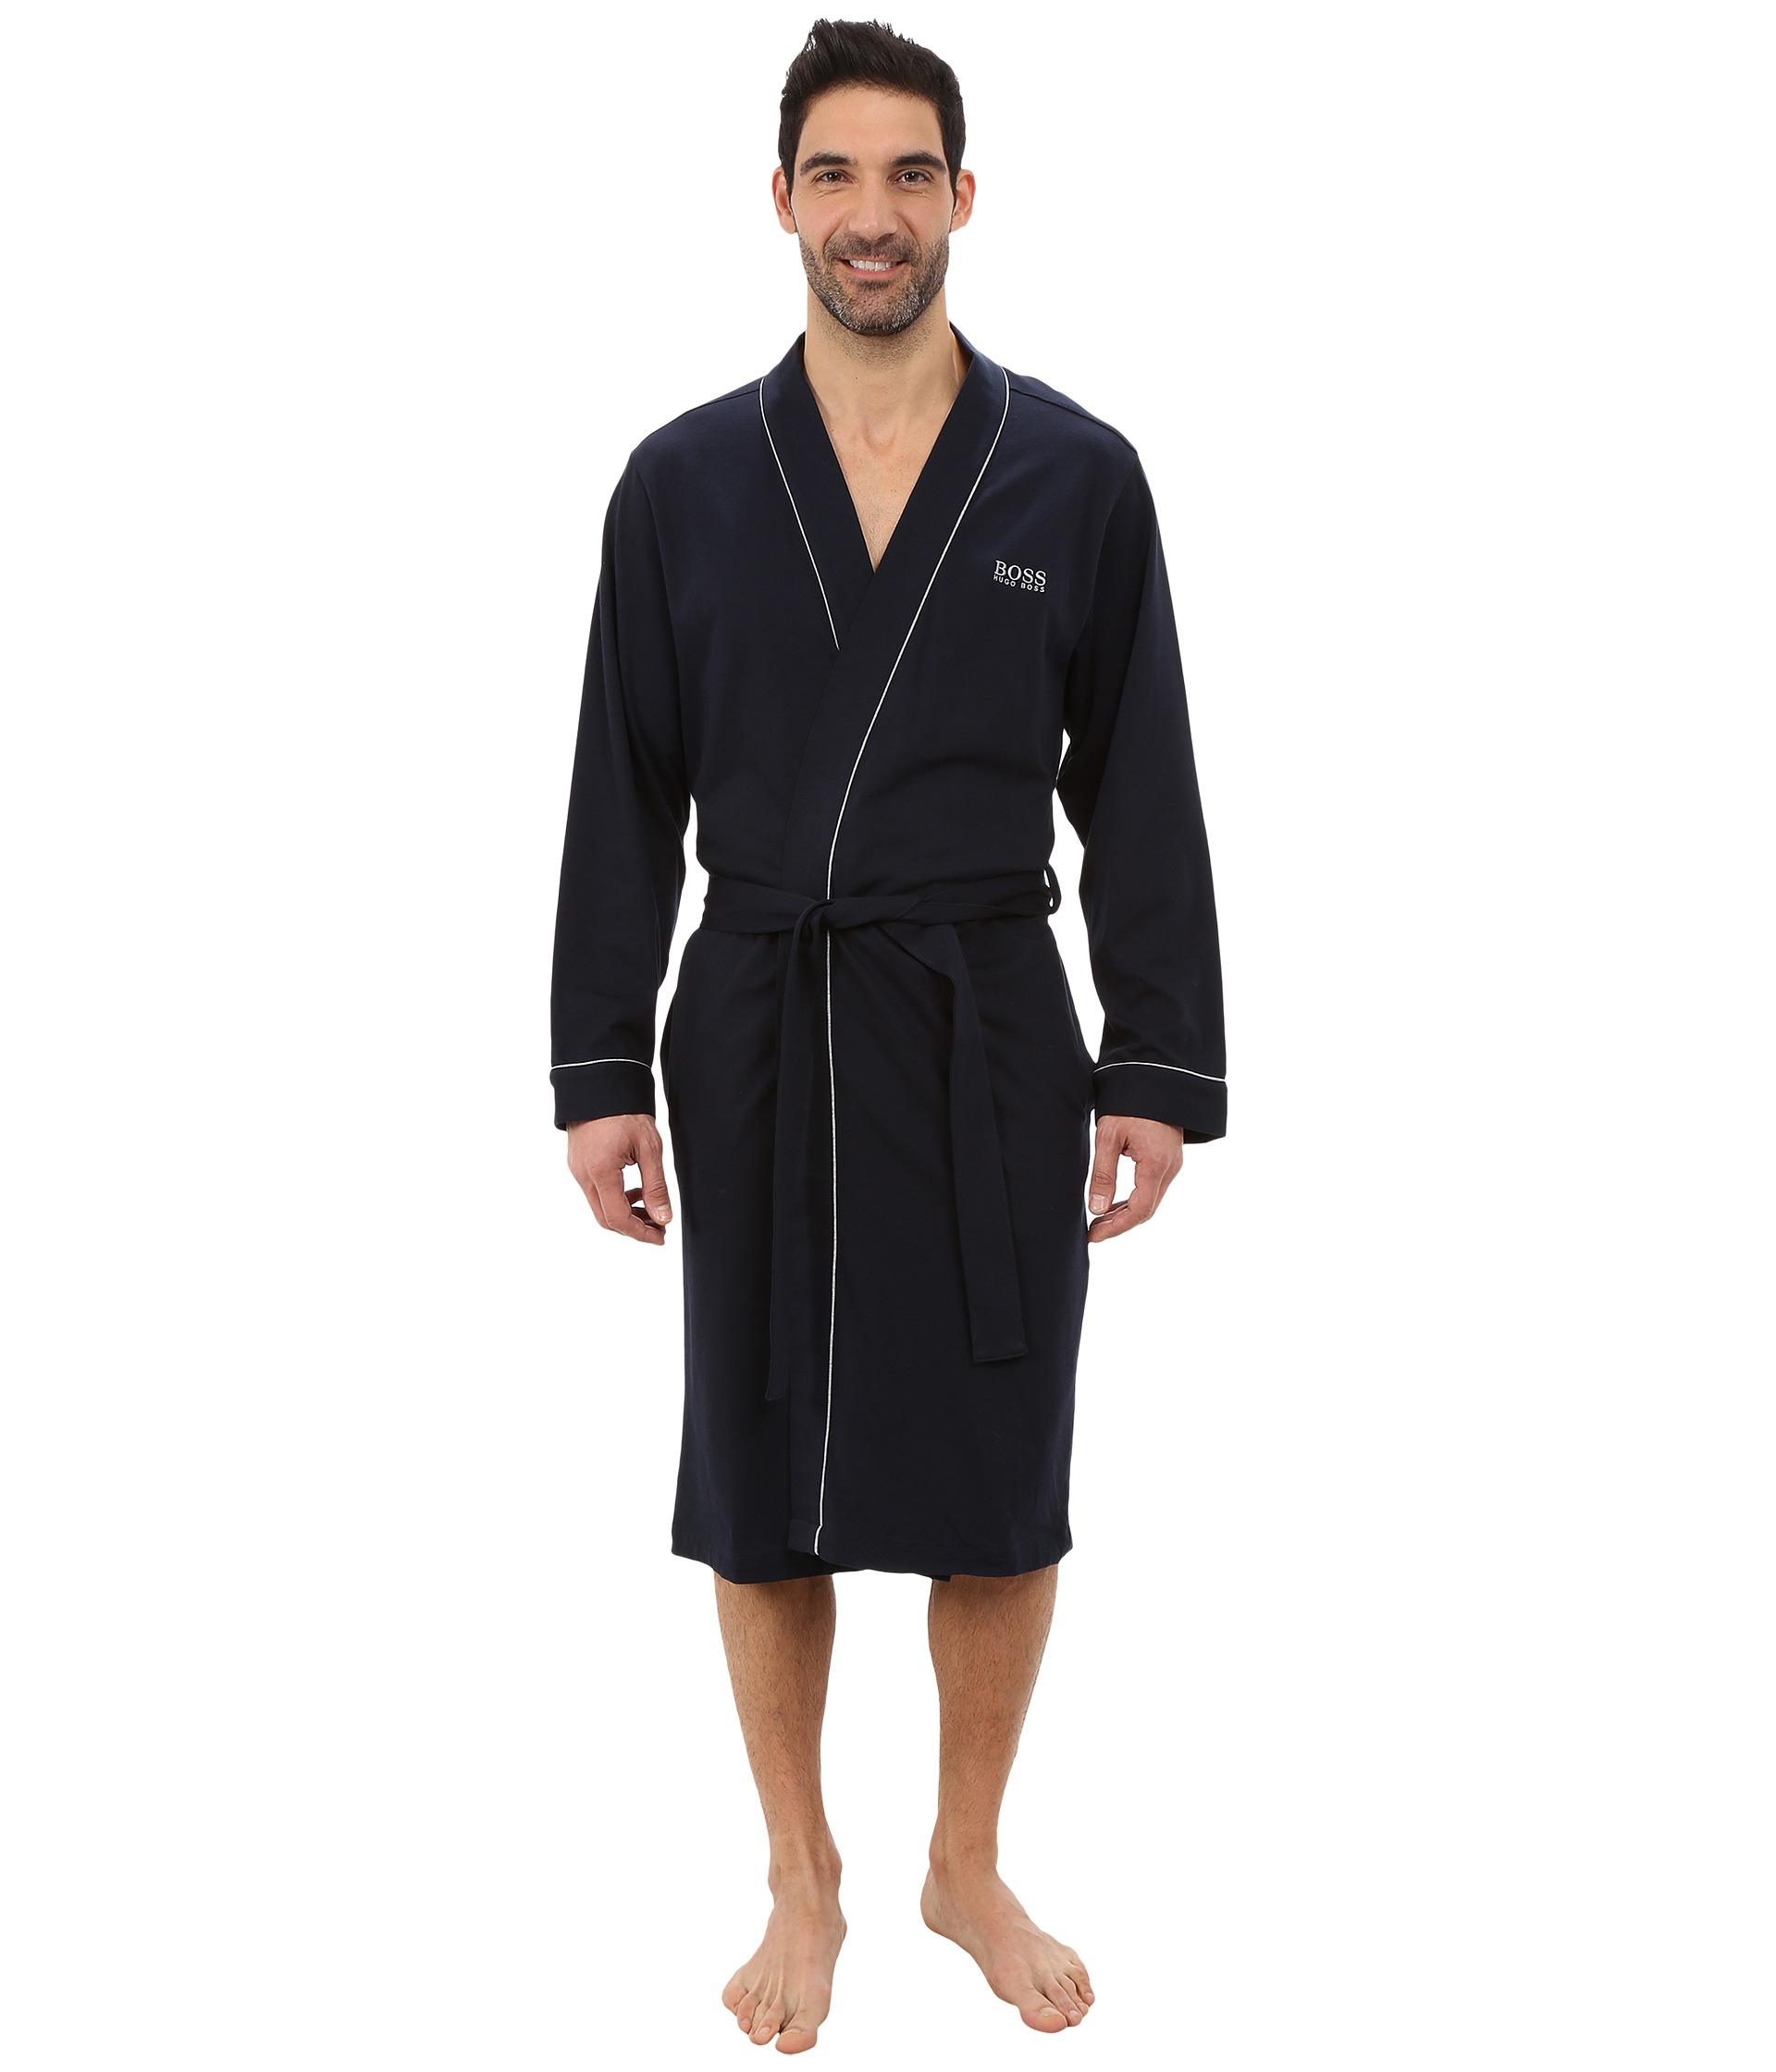 Boss hugo boss innovation 1 cotton kimono robe zappos for Robe de mariage hugo boss